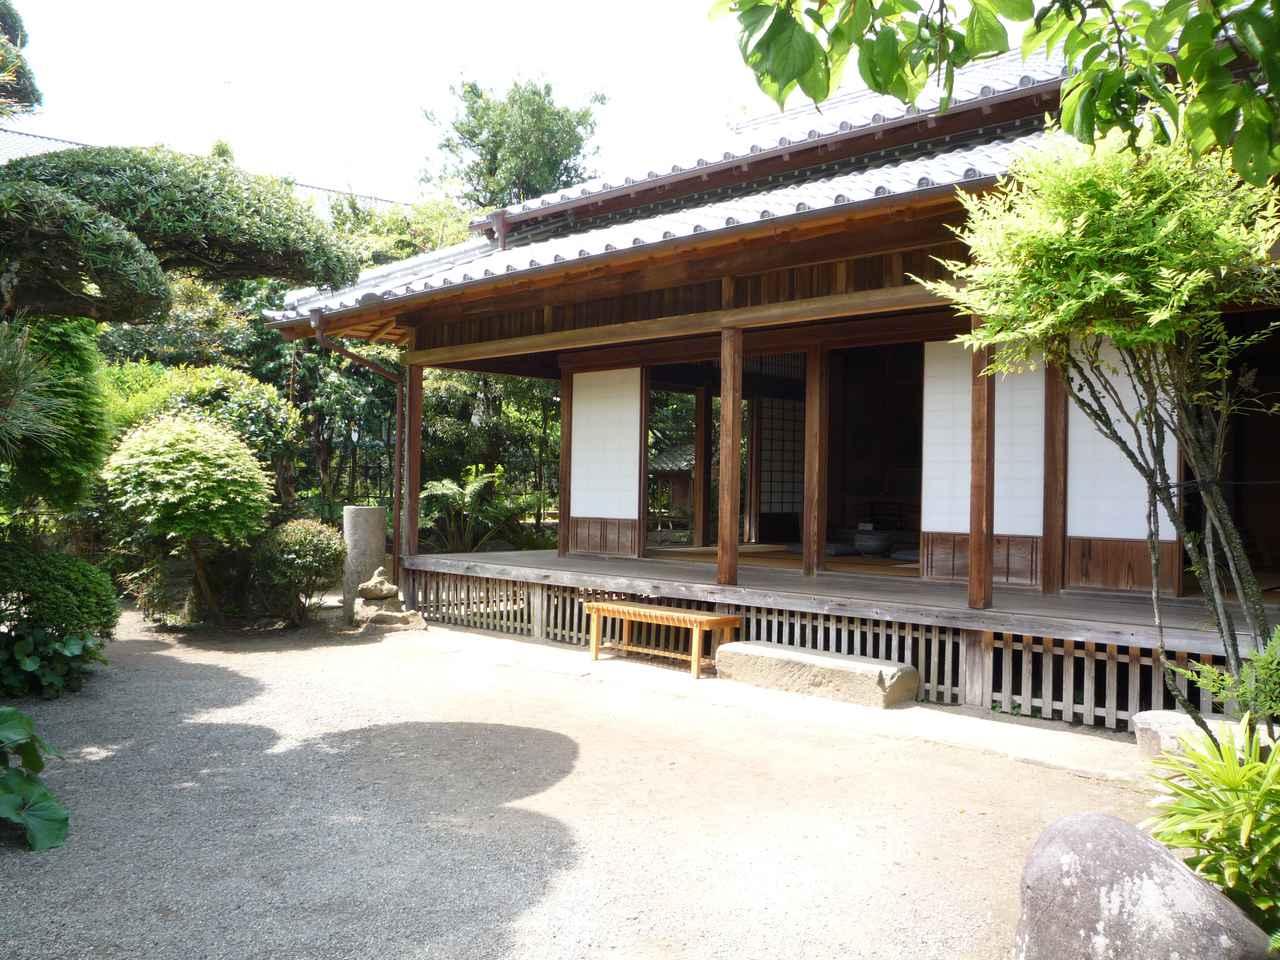 画像: ▲公開武家屋敷となっている税所邸の庭。 www.izumi-navi.jp